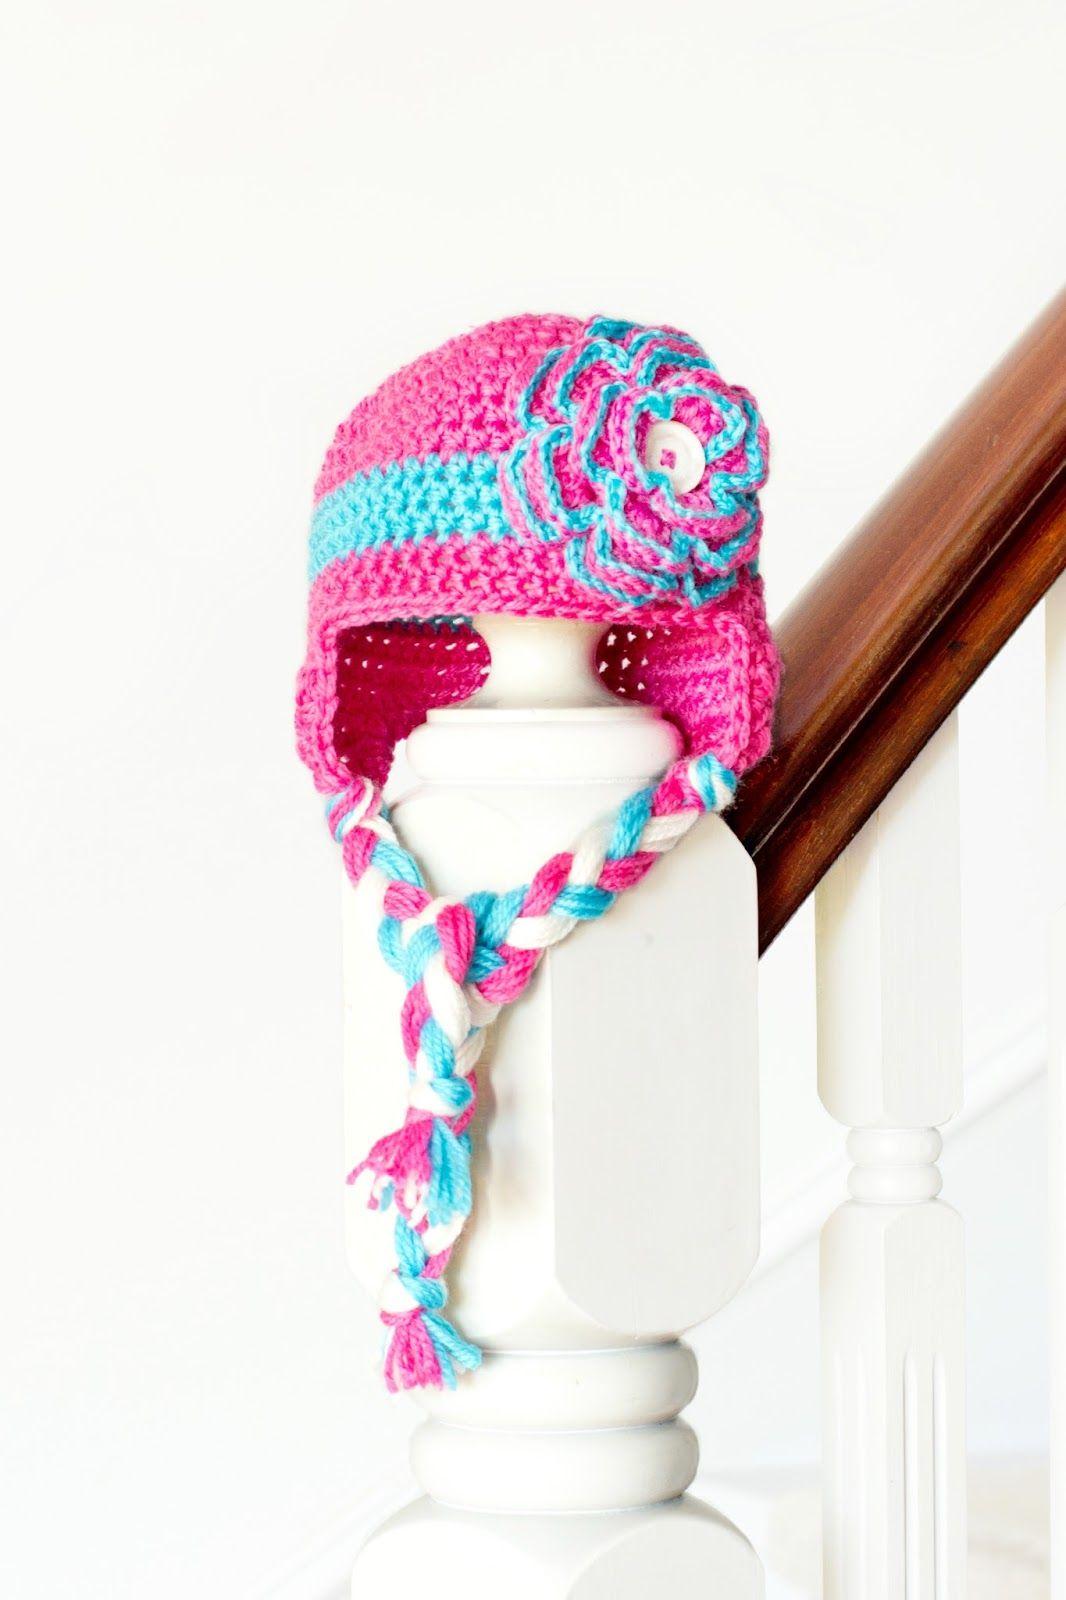 Floral Baby Earflap Hat Crochet Pattern | GorrosNice | Pinterest ...